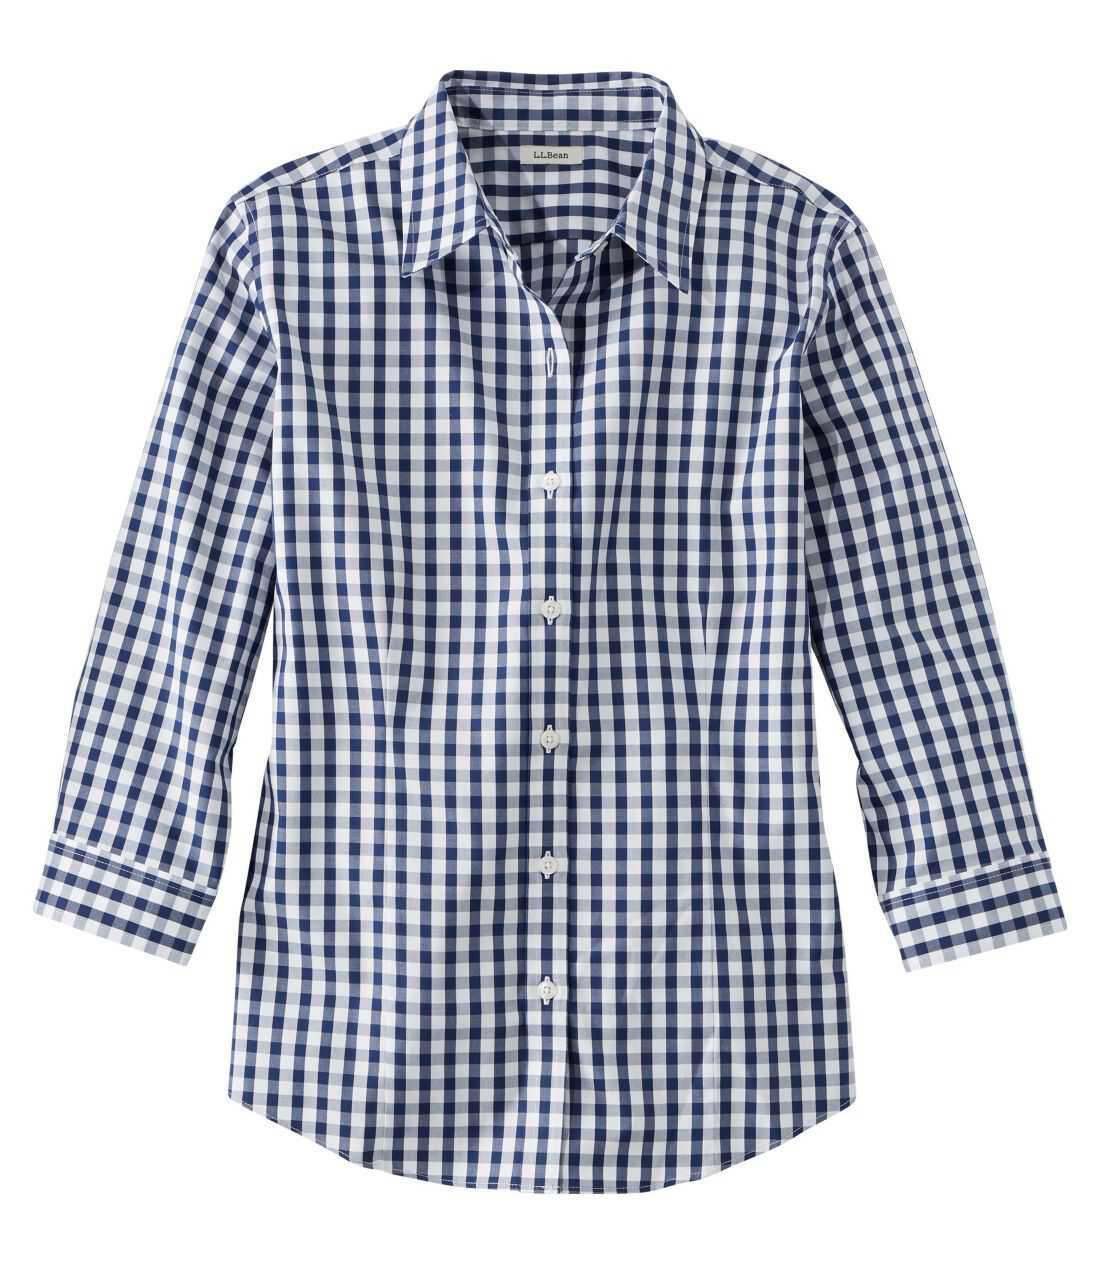 リンクルフリー(形態安定)・ピンポイント・オックスフォード・シャツ、7分丈袖 プラッド